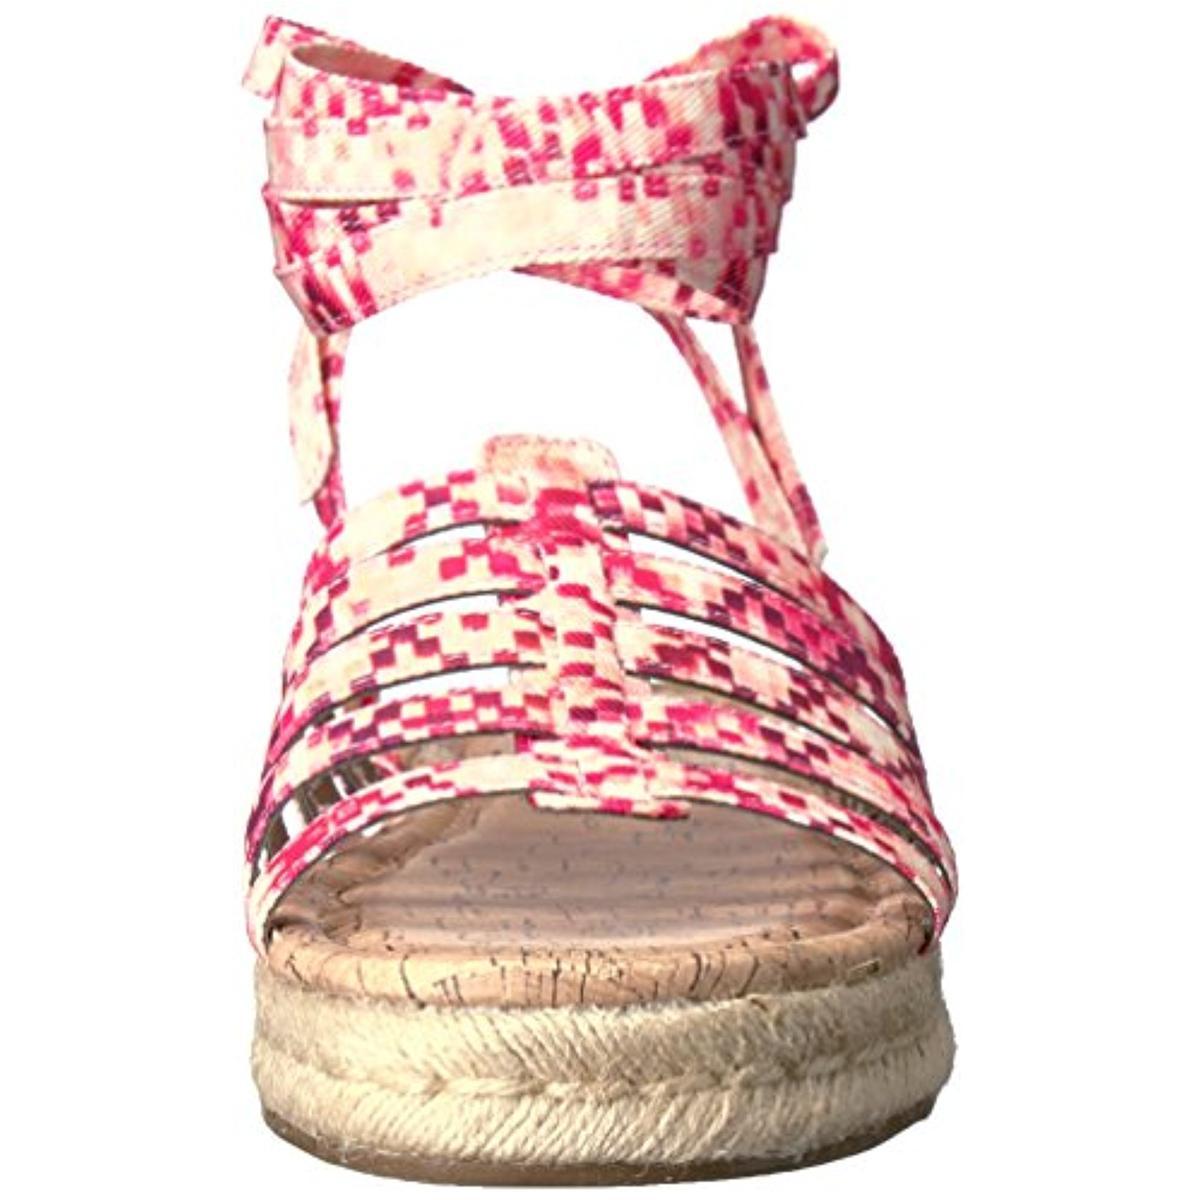 Circus-by-Sam-Edelman-Womens-Ariel-Ankle-Wrap-Cork-Espadrilles-Sandals-BHFO-0567 thumbnail 8